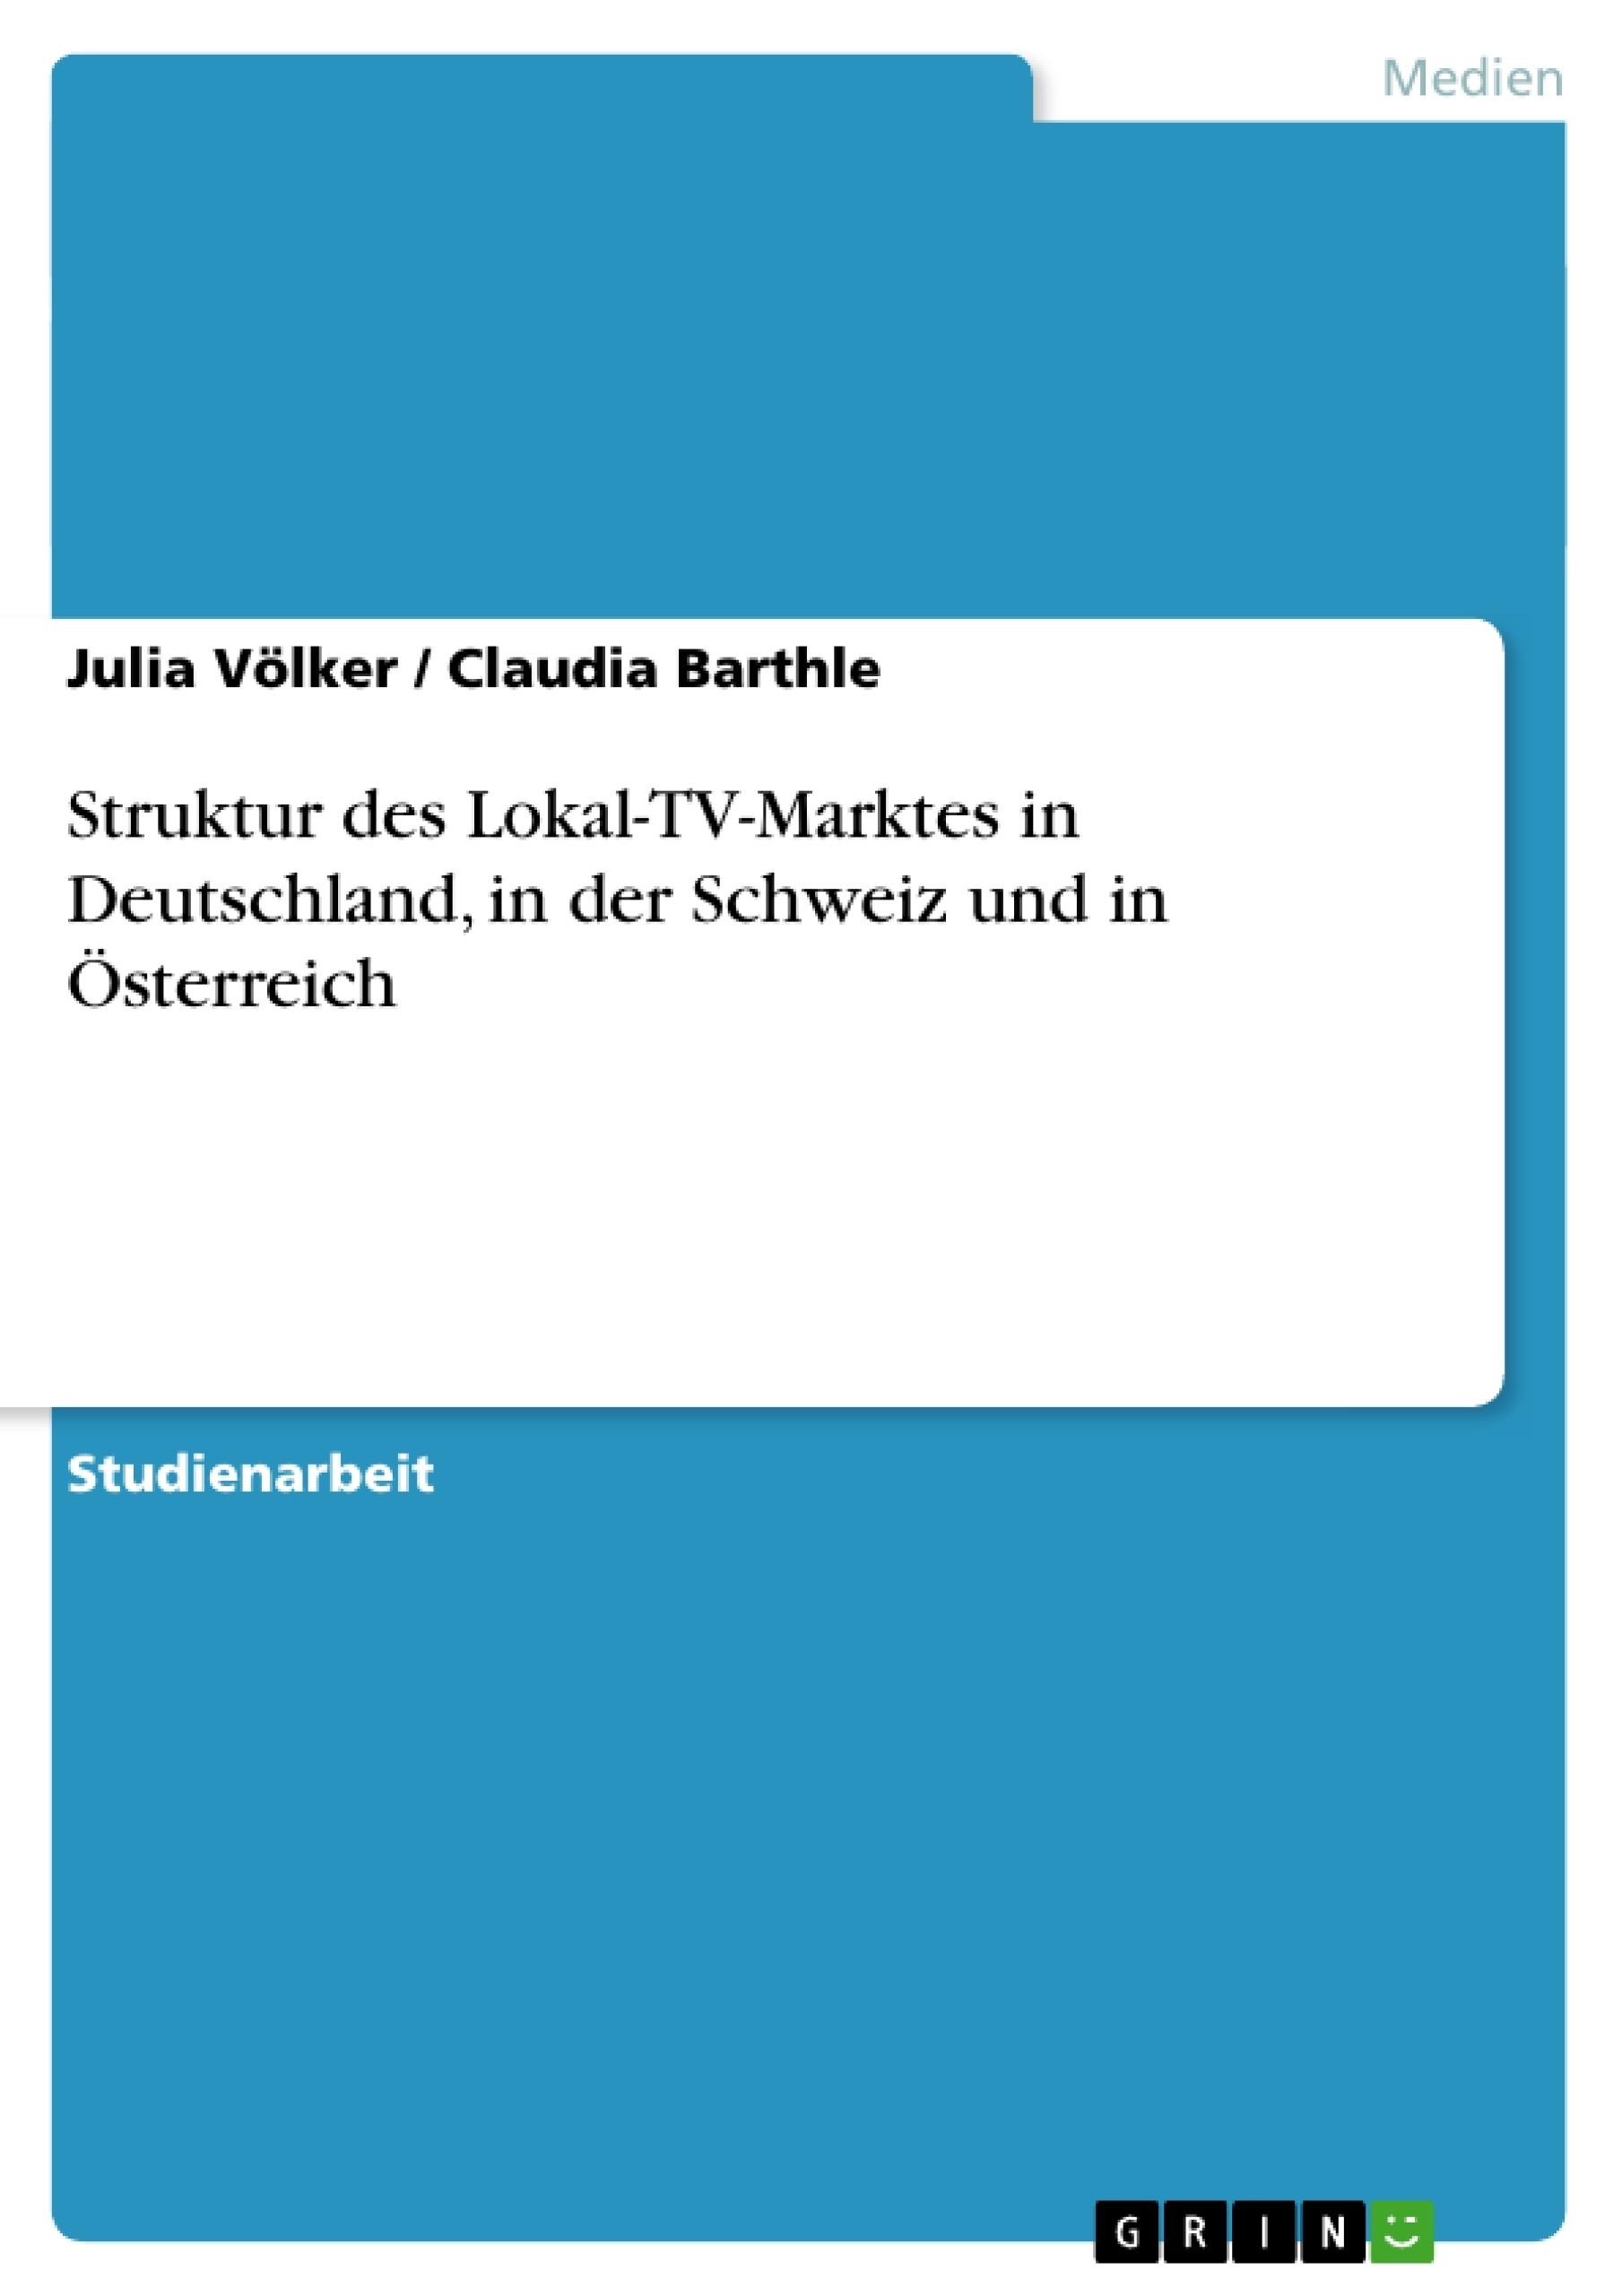 Titel: Struktur des Lokal-TV-Marktes in Deutschland, in der Schweiz und in Österreich